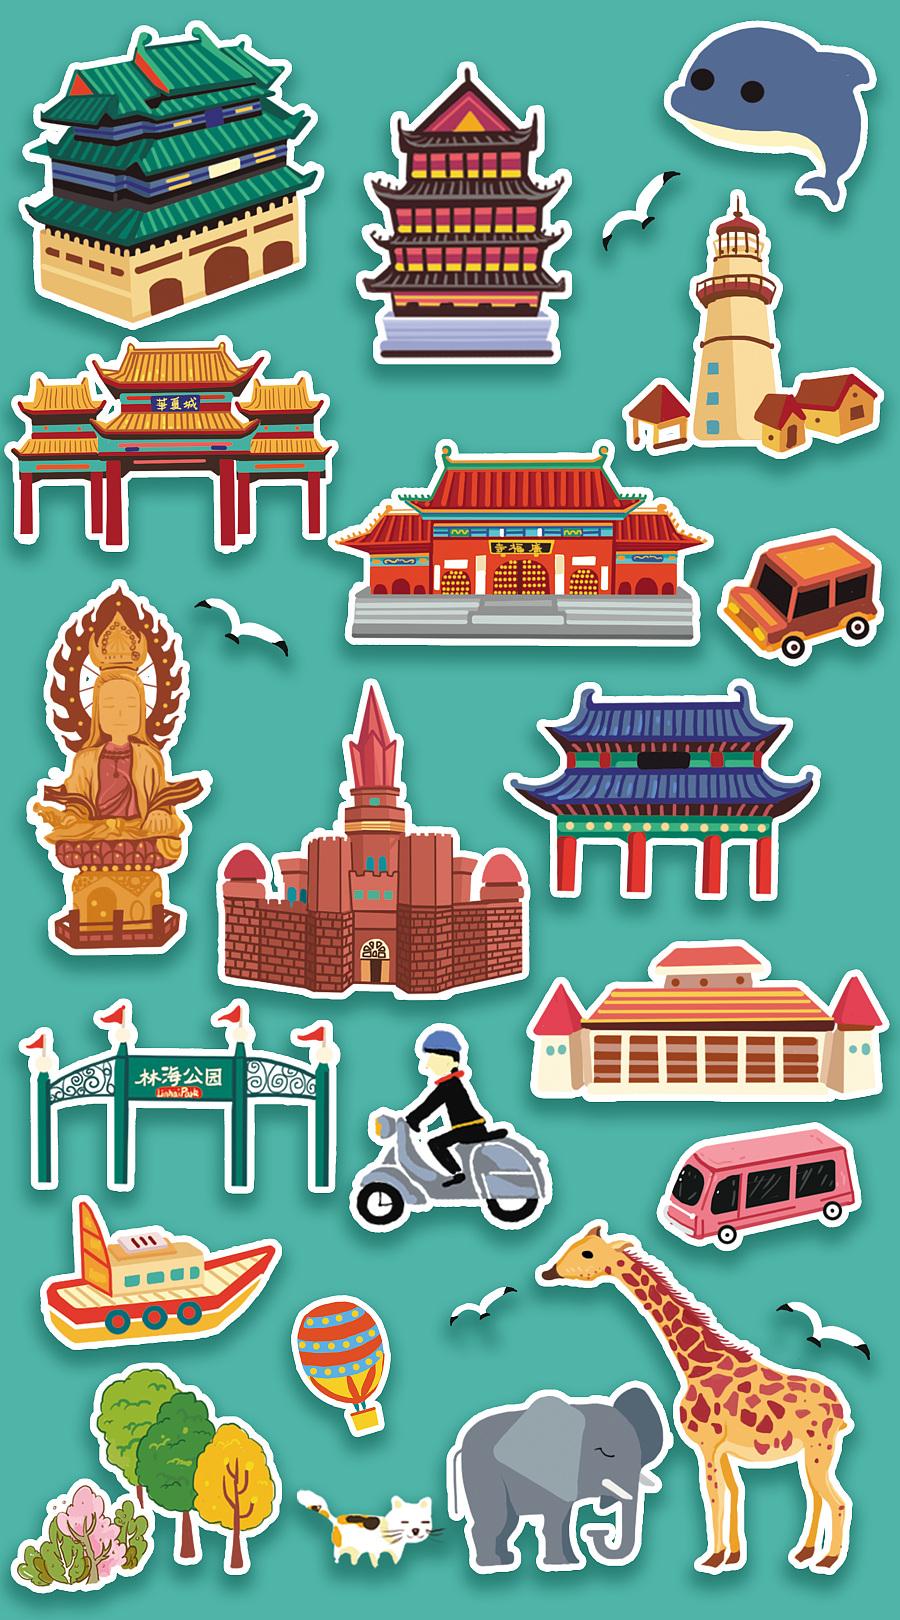 威海手绘地图|商业插画|插画|由程程yoyo - 原创设计